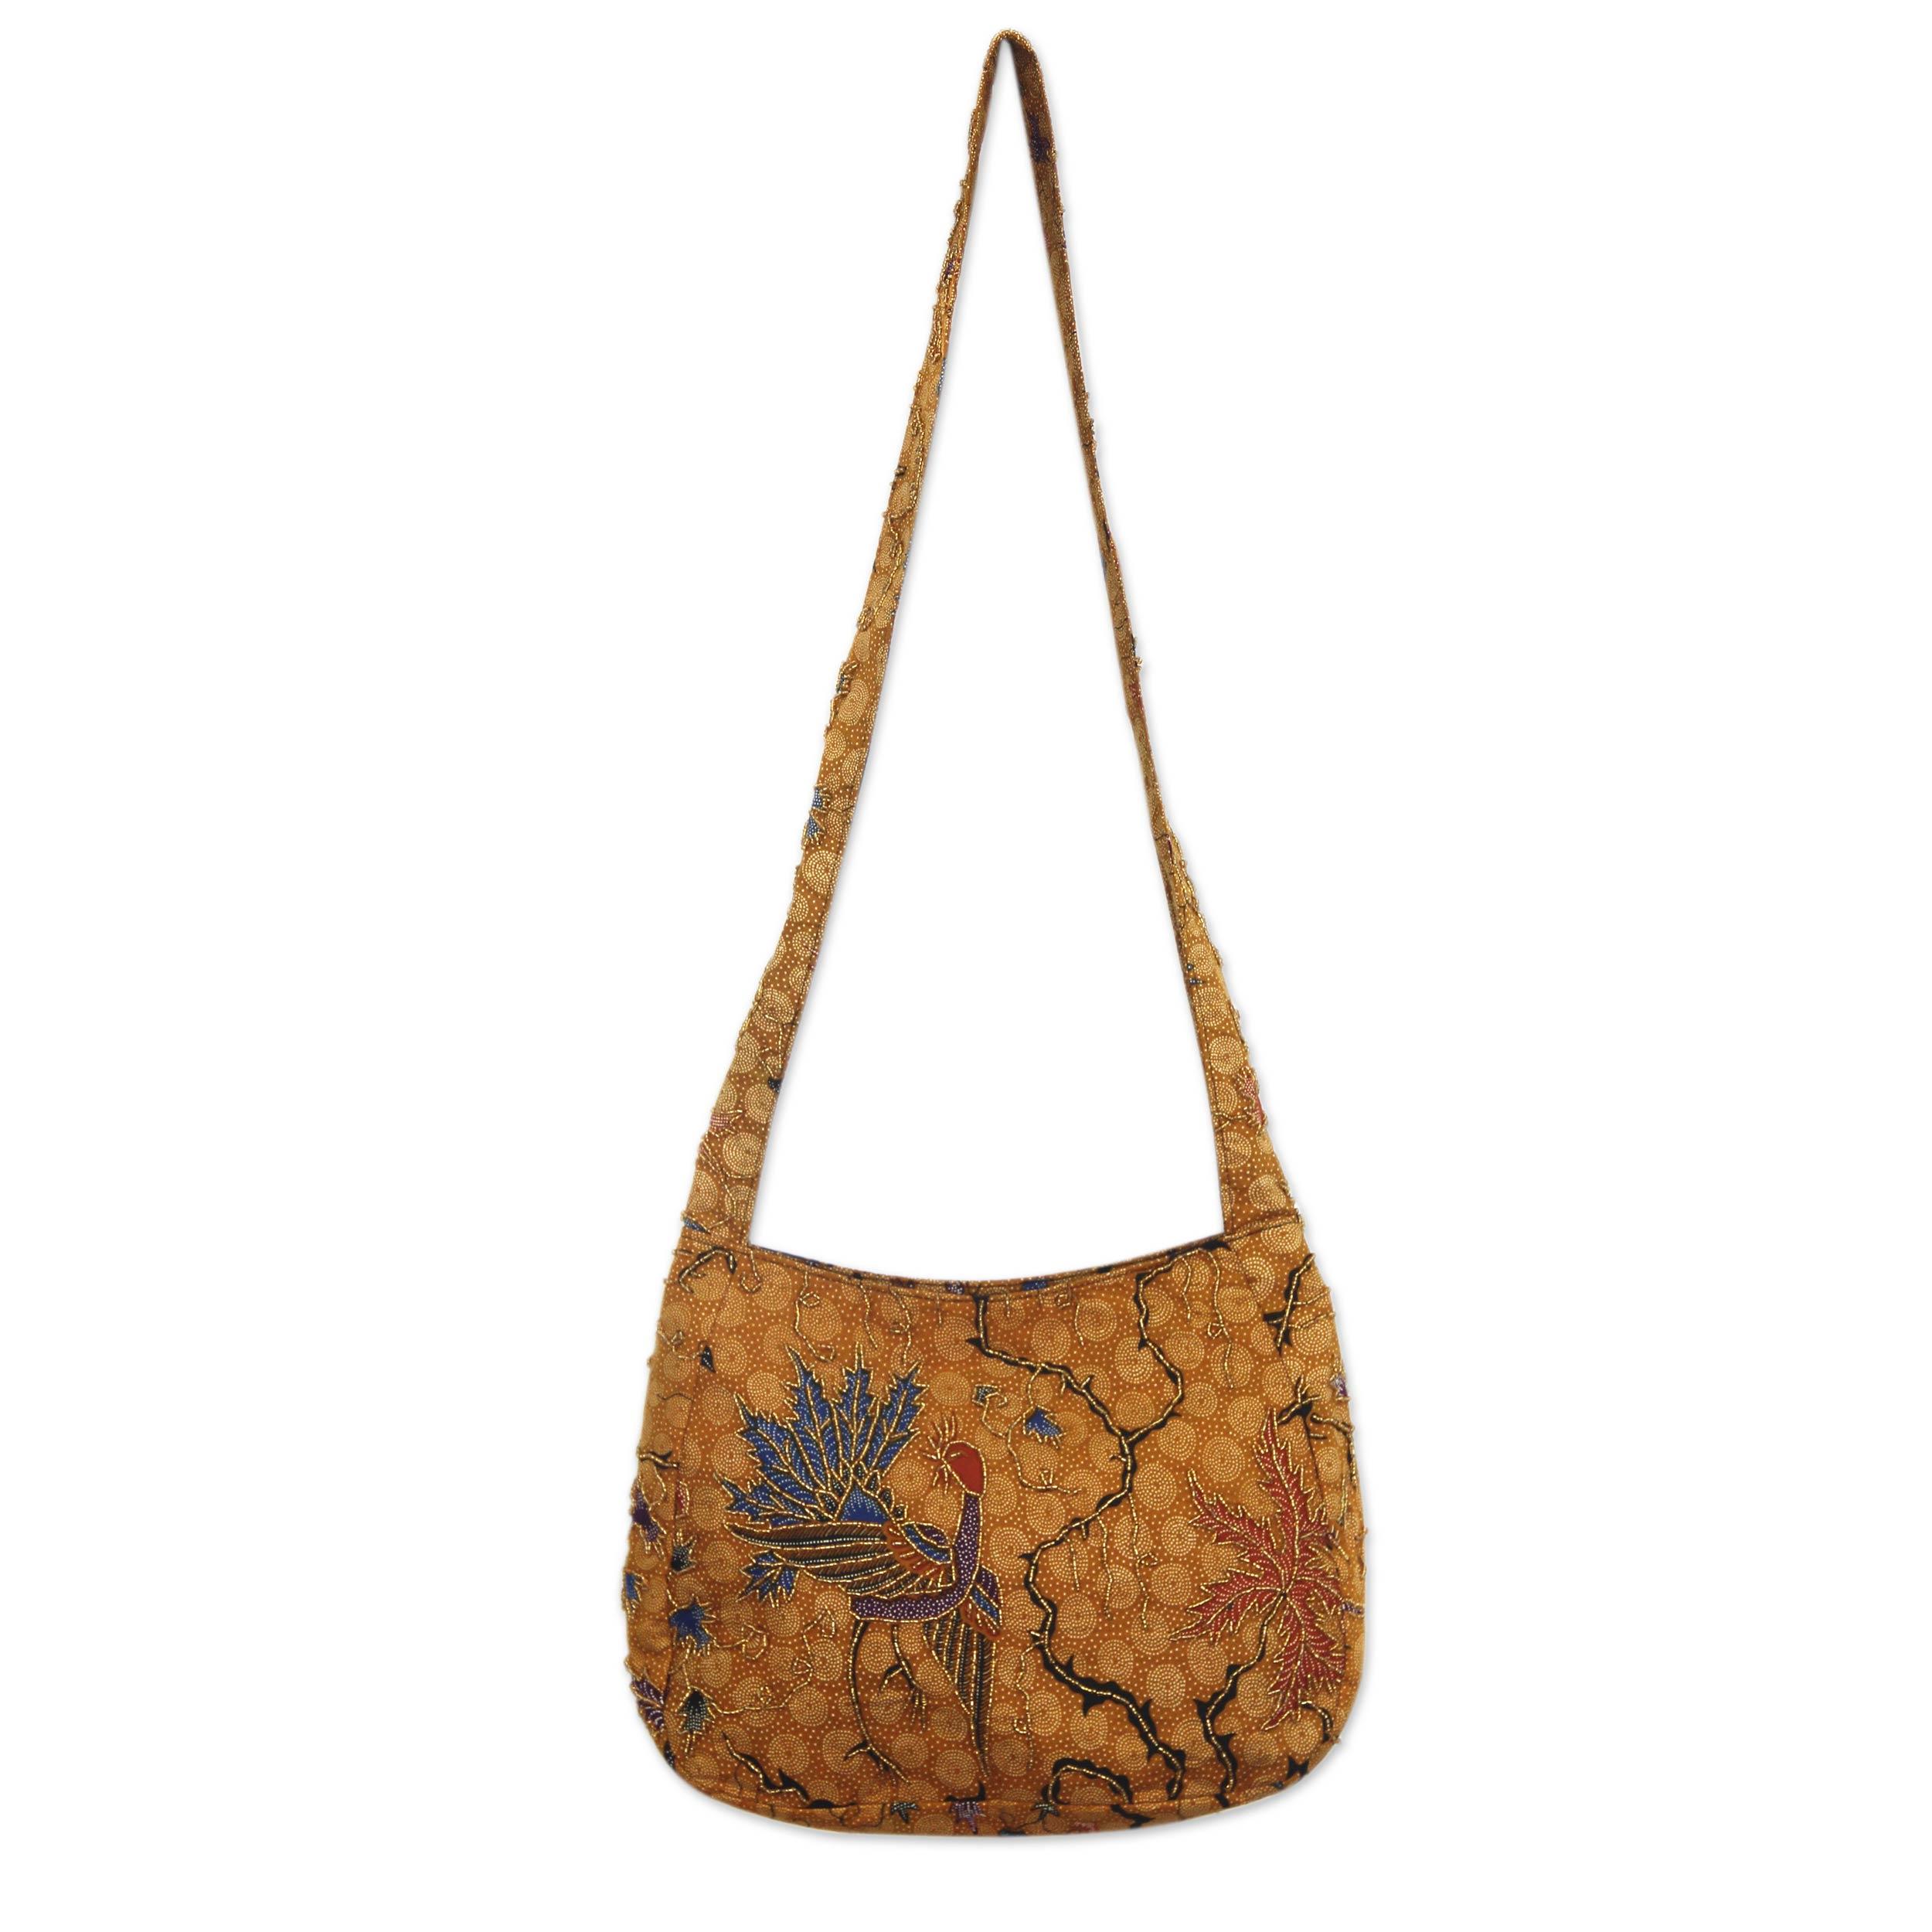 Novica Leather shoulder bag, Peacock Flowers